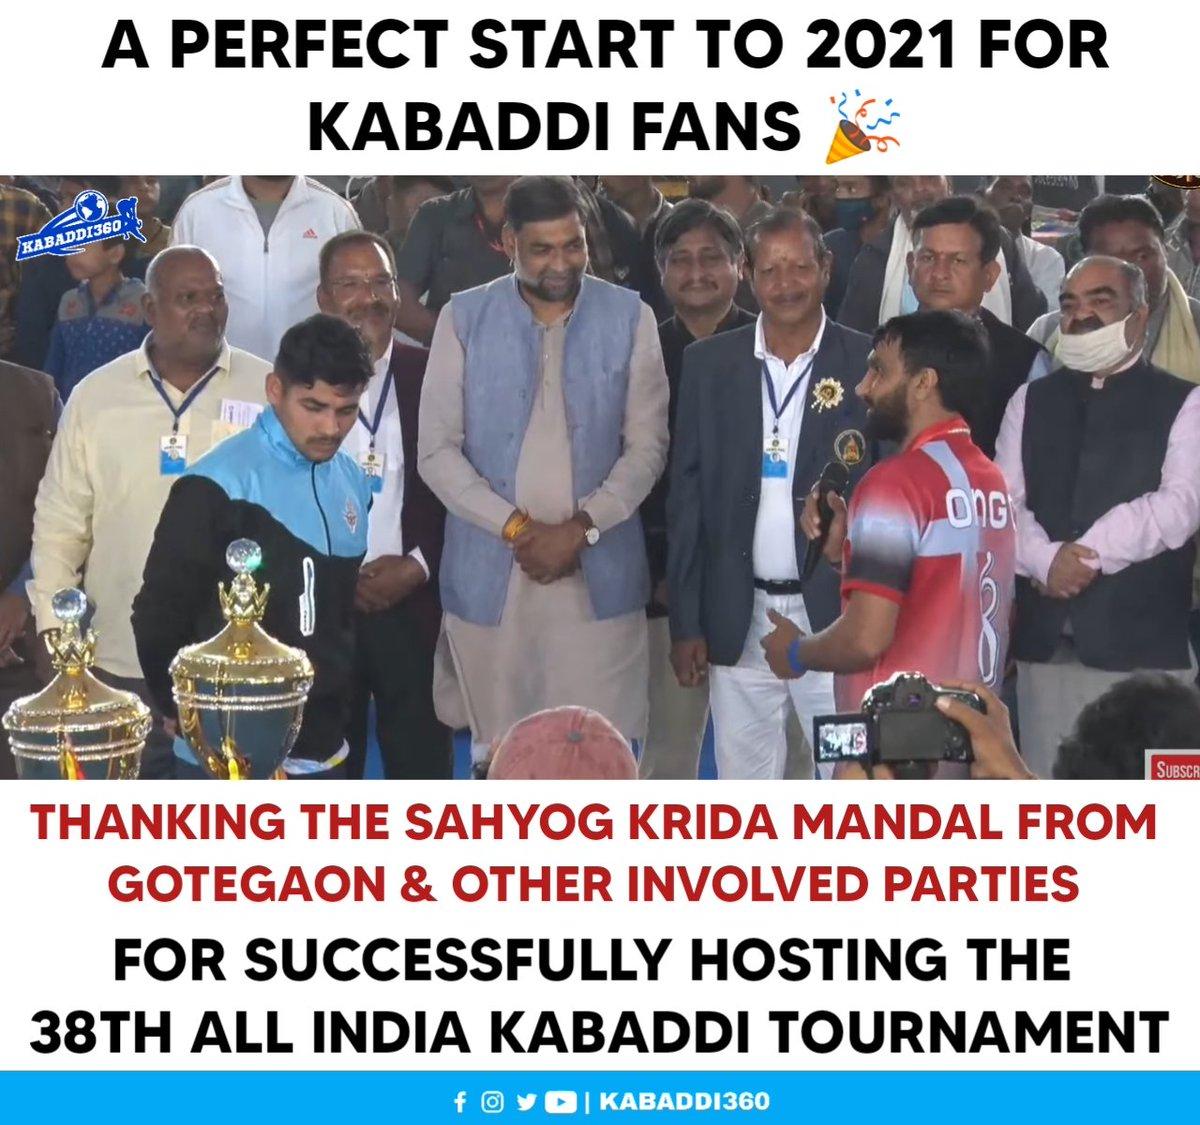 Hoping to see more action-packed and exciting Kabaddi this year 🤞🏻  #38thAllIndiaKabaddiTournament #Kabaddi360 #Kabaddi